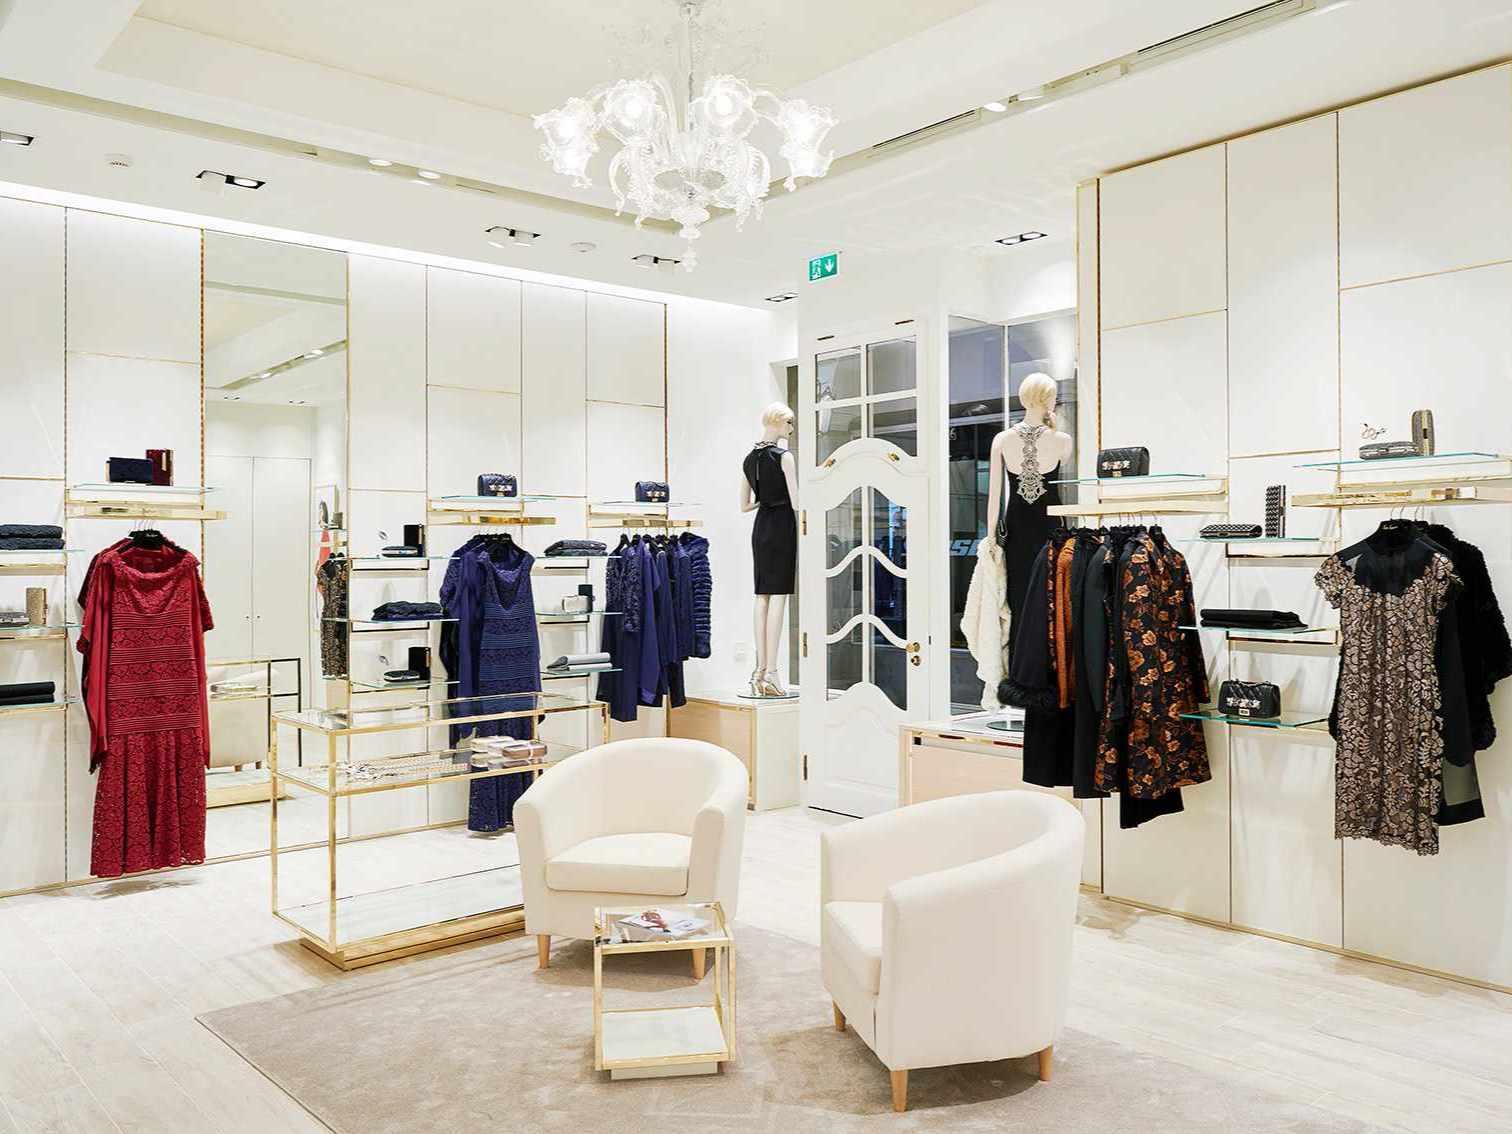 将来服装展柜设计的发展趋向会是如何